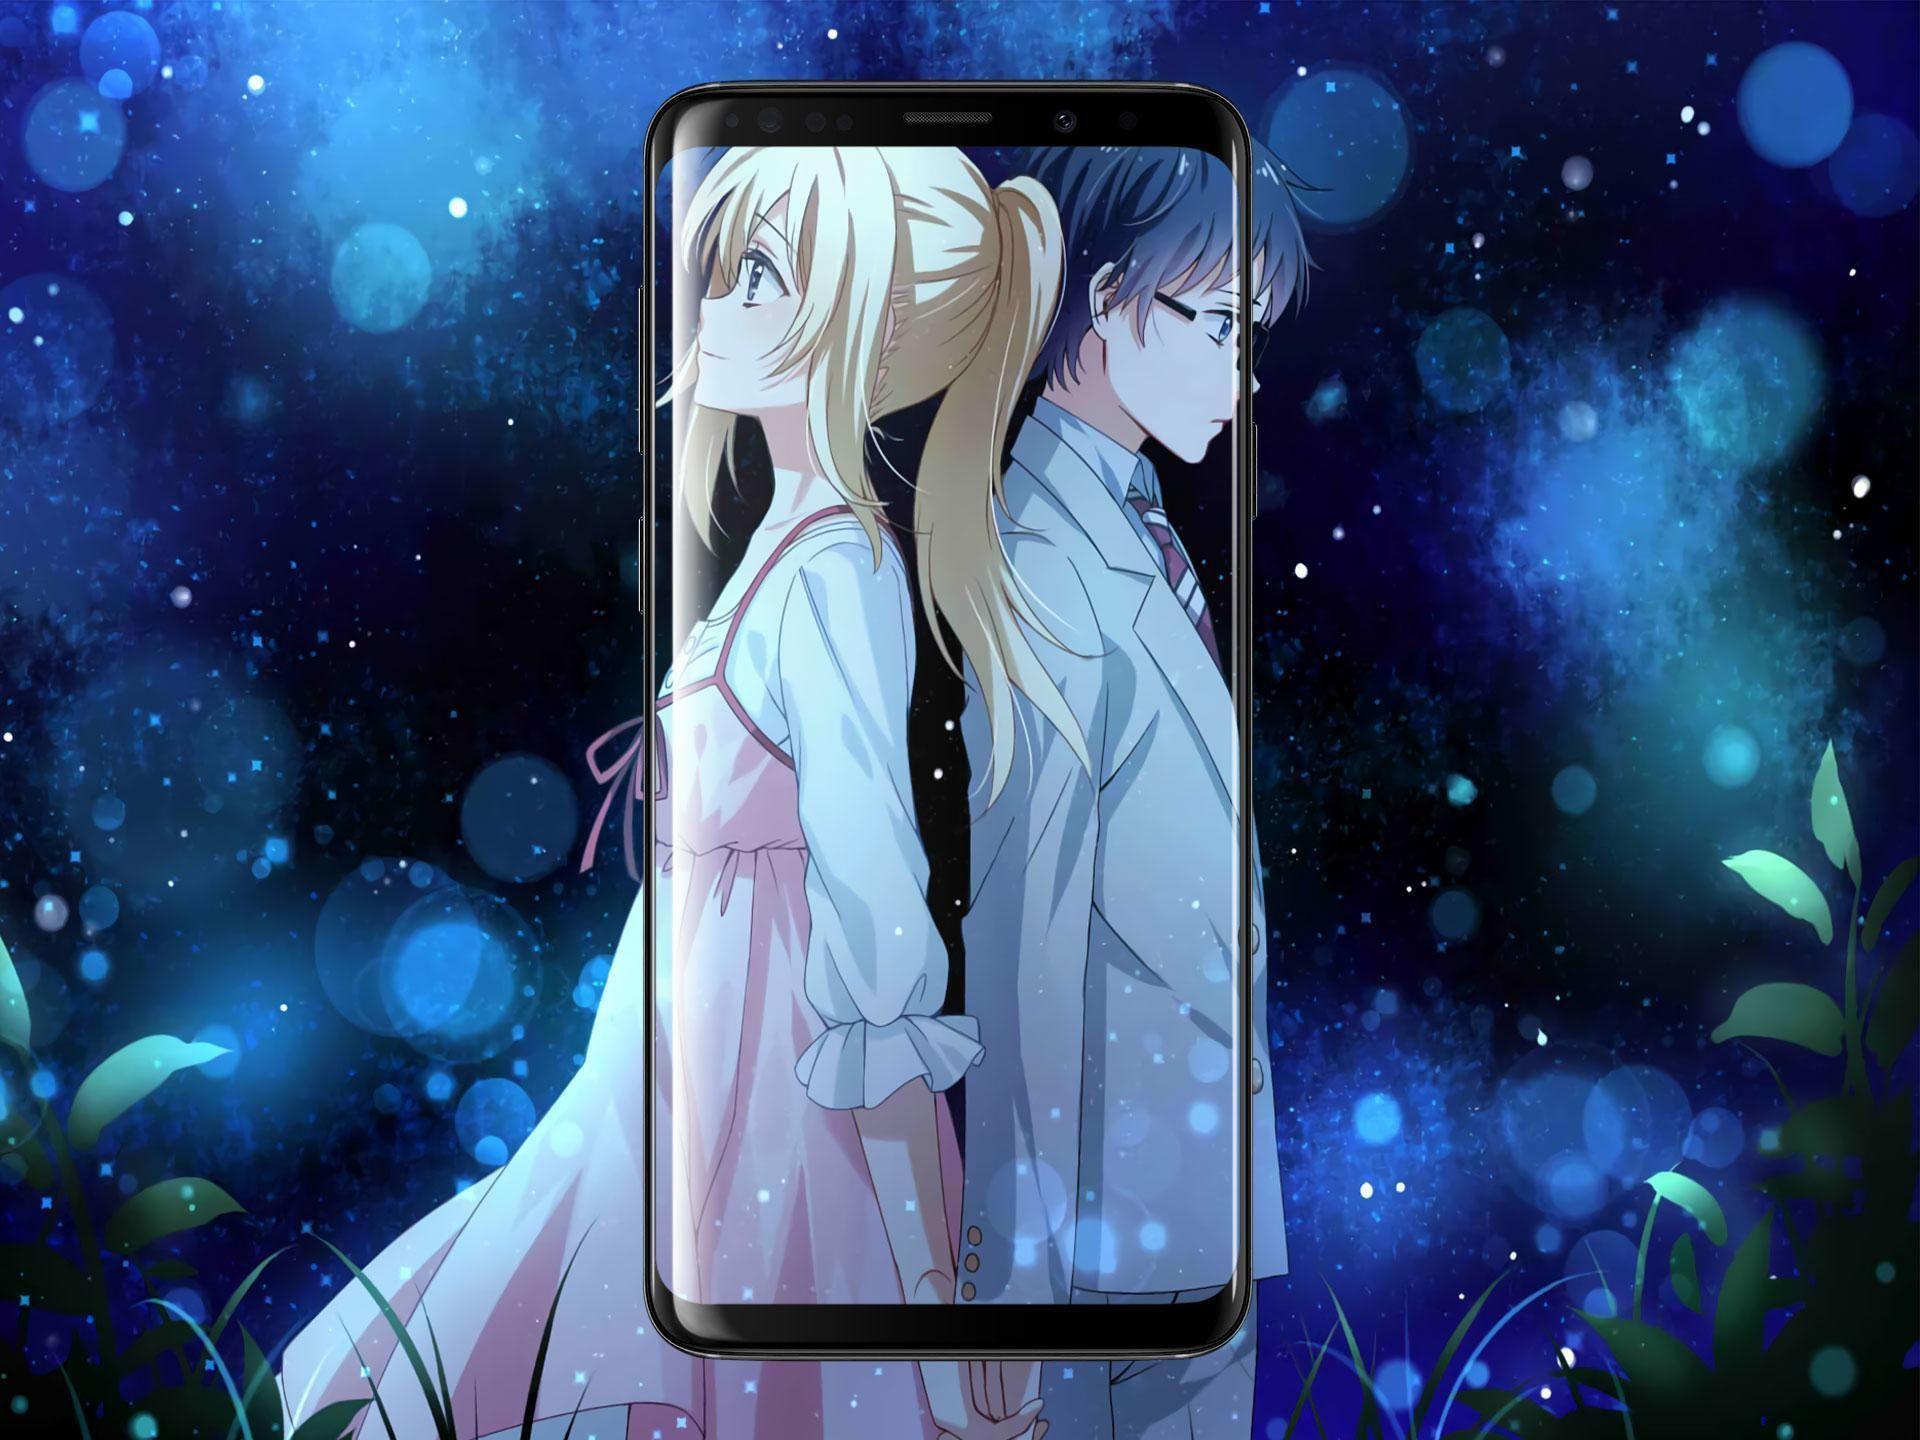 Wallpaper Anime Shigatsu Wa Kimi No Uso Android Shigatsu